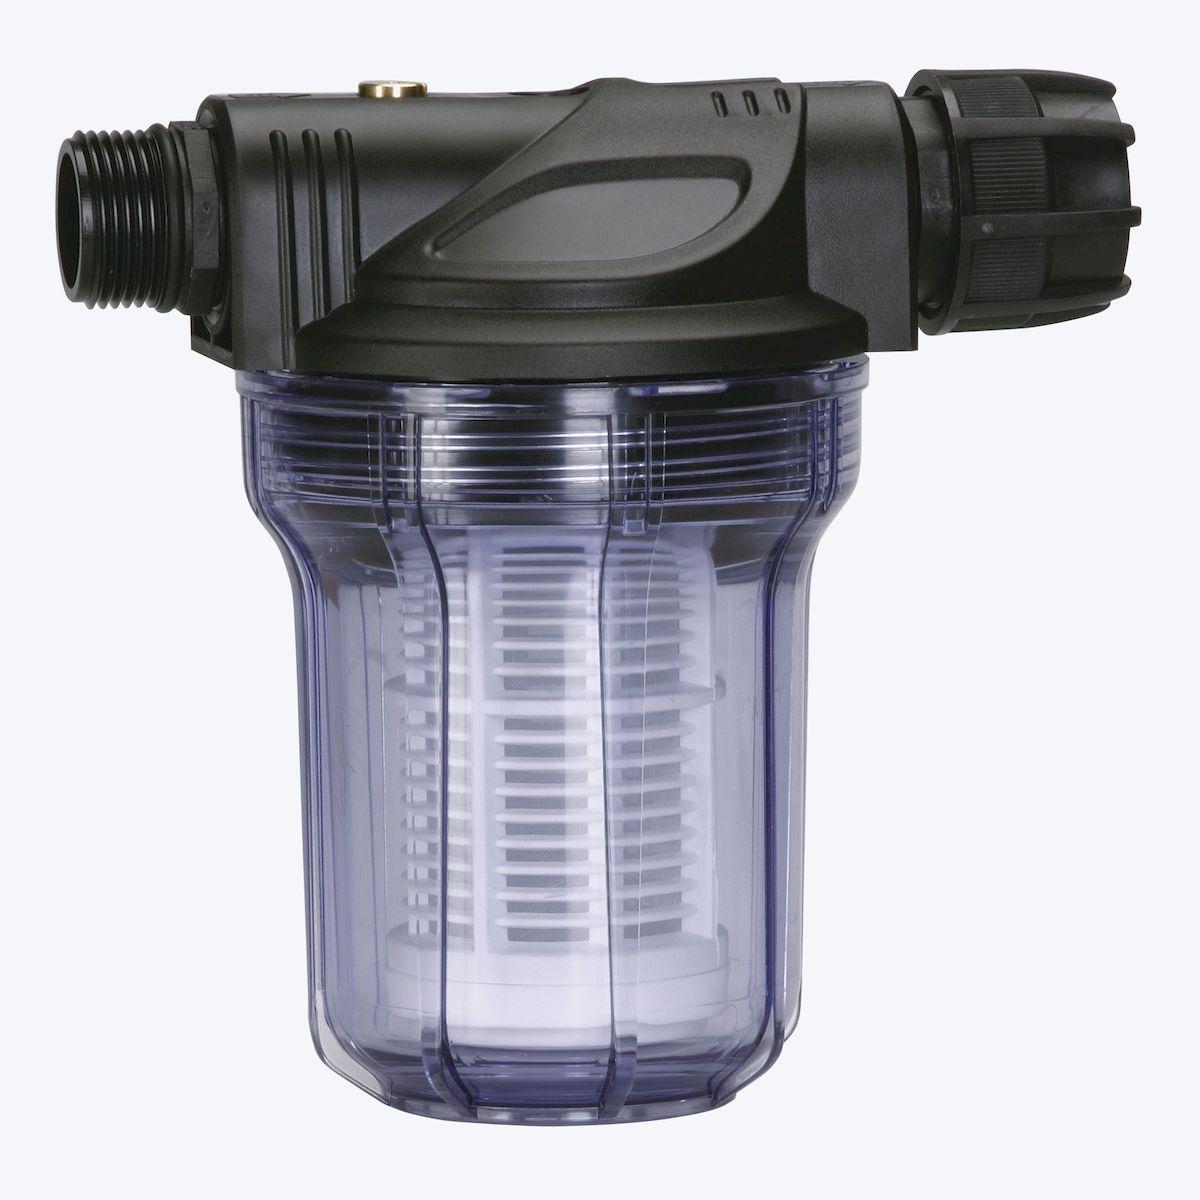 Фильтр предварительной очистки Gardena  до 3000 л/ч01731-20.000.00Фильтр предварительной очистки Gardena  защищает насос от мелких и крупных загрязняющих частиц, обеспечивая тем самым бесперебойность его работы и особенно рекомендован к использованию при перекачивании сред, содержащих песок. Просто установите фильтр предварительной очистки между садовым насосом, станцией автоматического водоснабжения или автоматическим напорным насосом и заборным шлангом. Быстросъемный фильтр легко чистится. Фильтр снабжен резьбой 33,3 мм (G 1) и рассчитан на расход воды до 3000 л/ч.